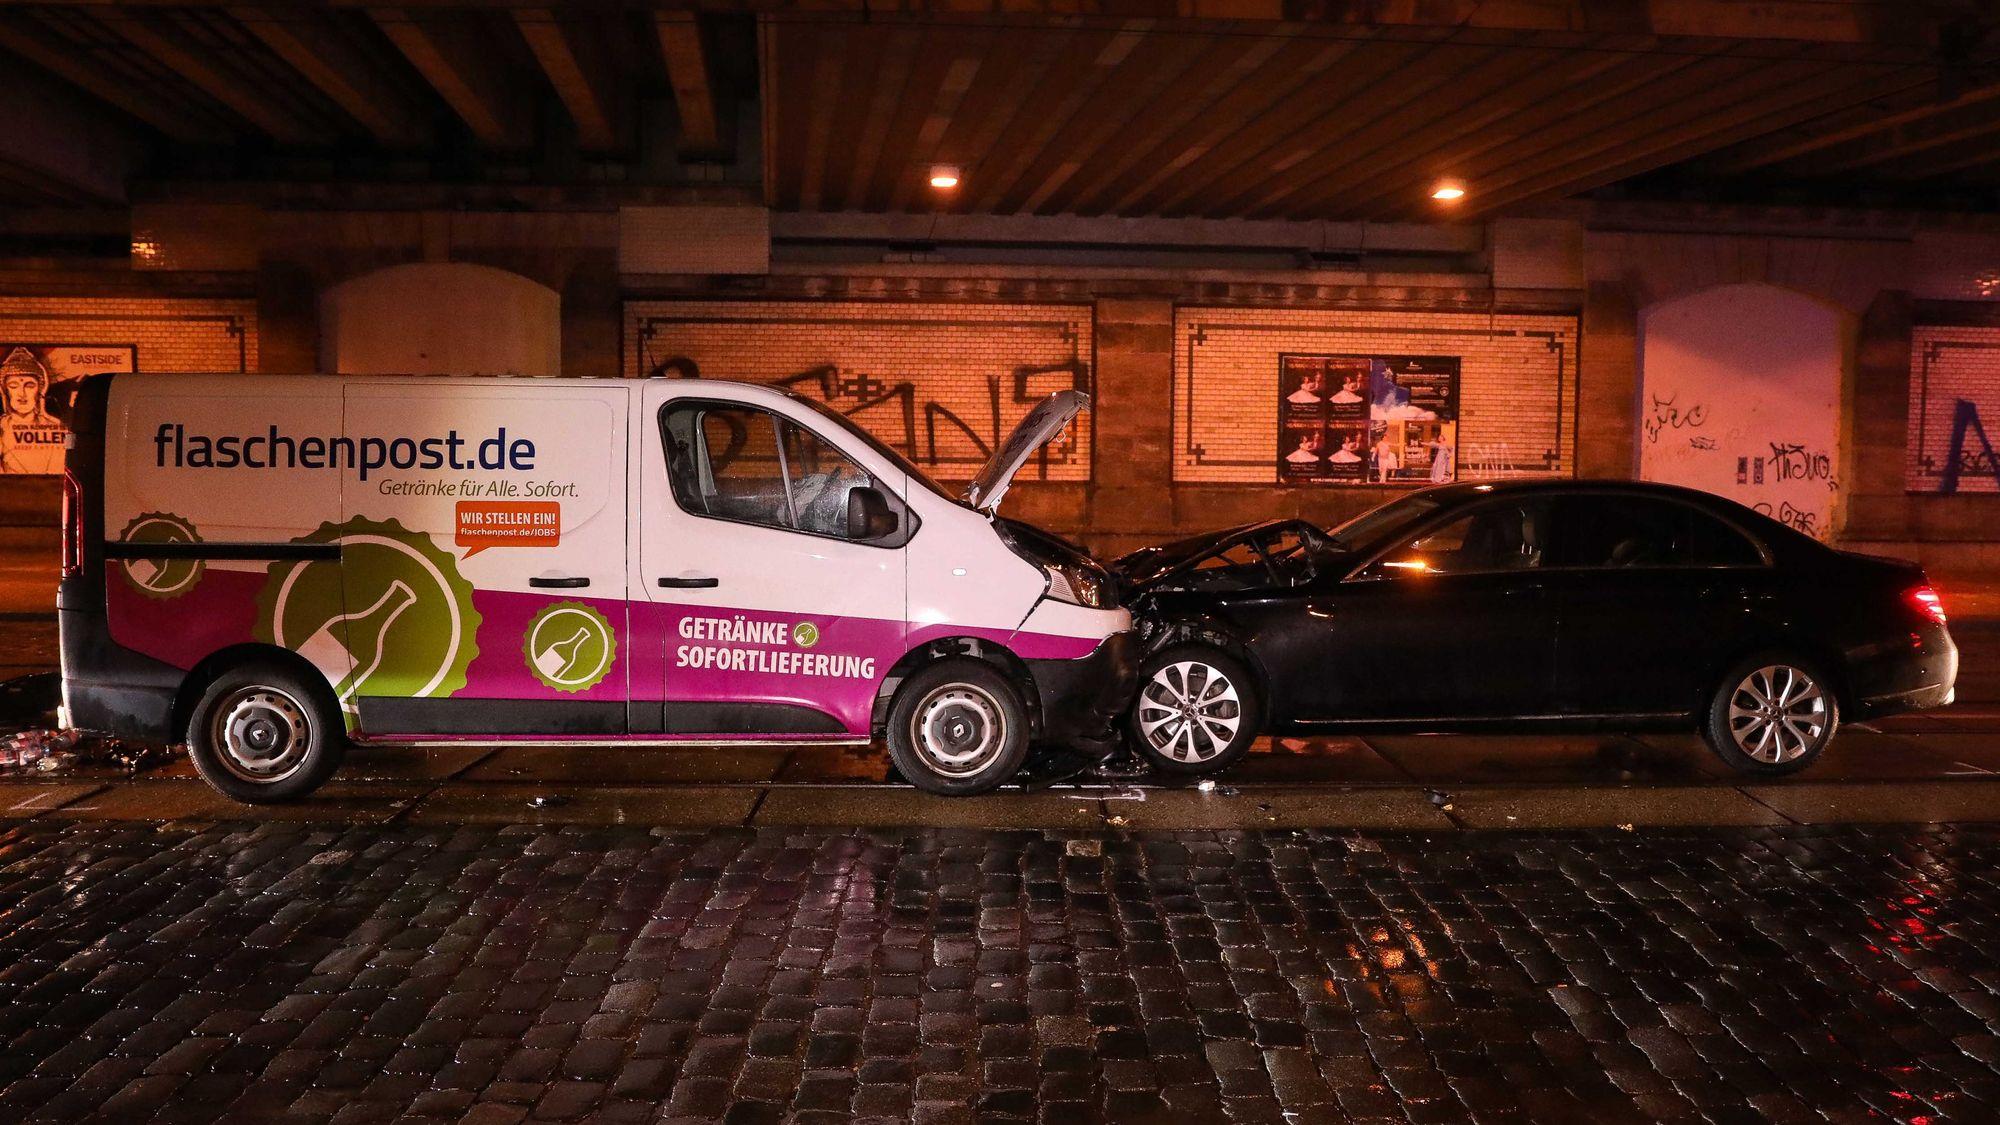 Zusammenstoß unter der Eisenbahnbrücke ... Foto: Tino Plunert